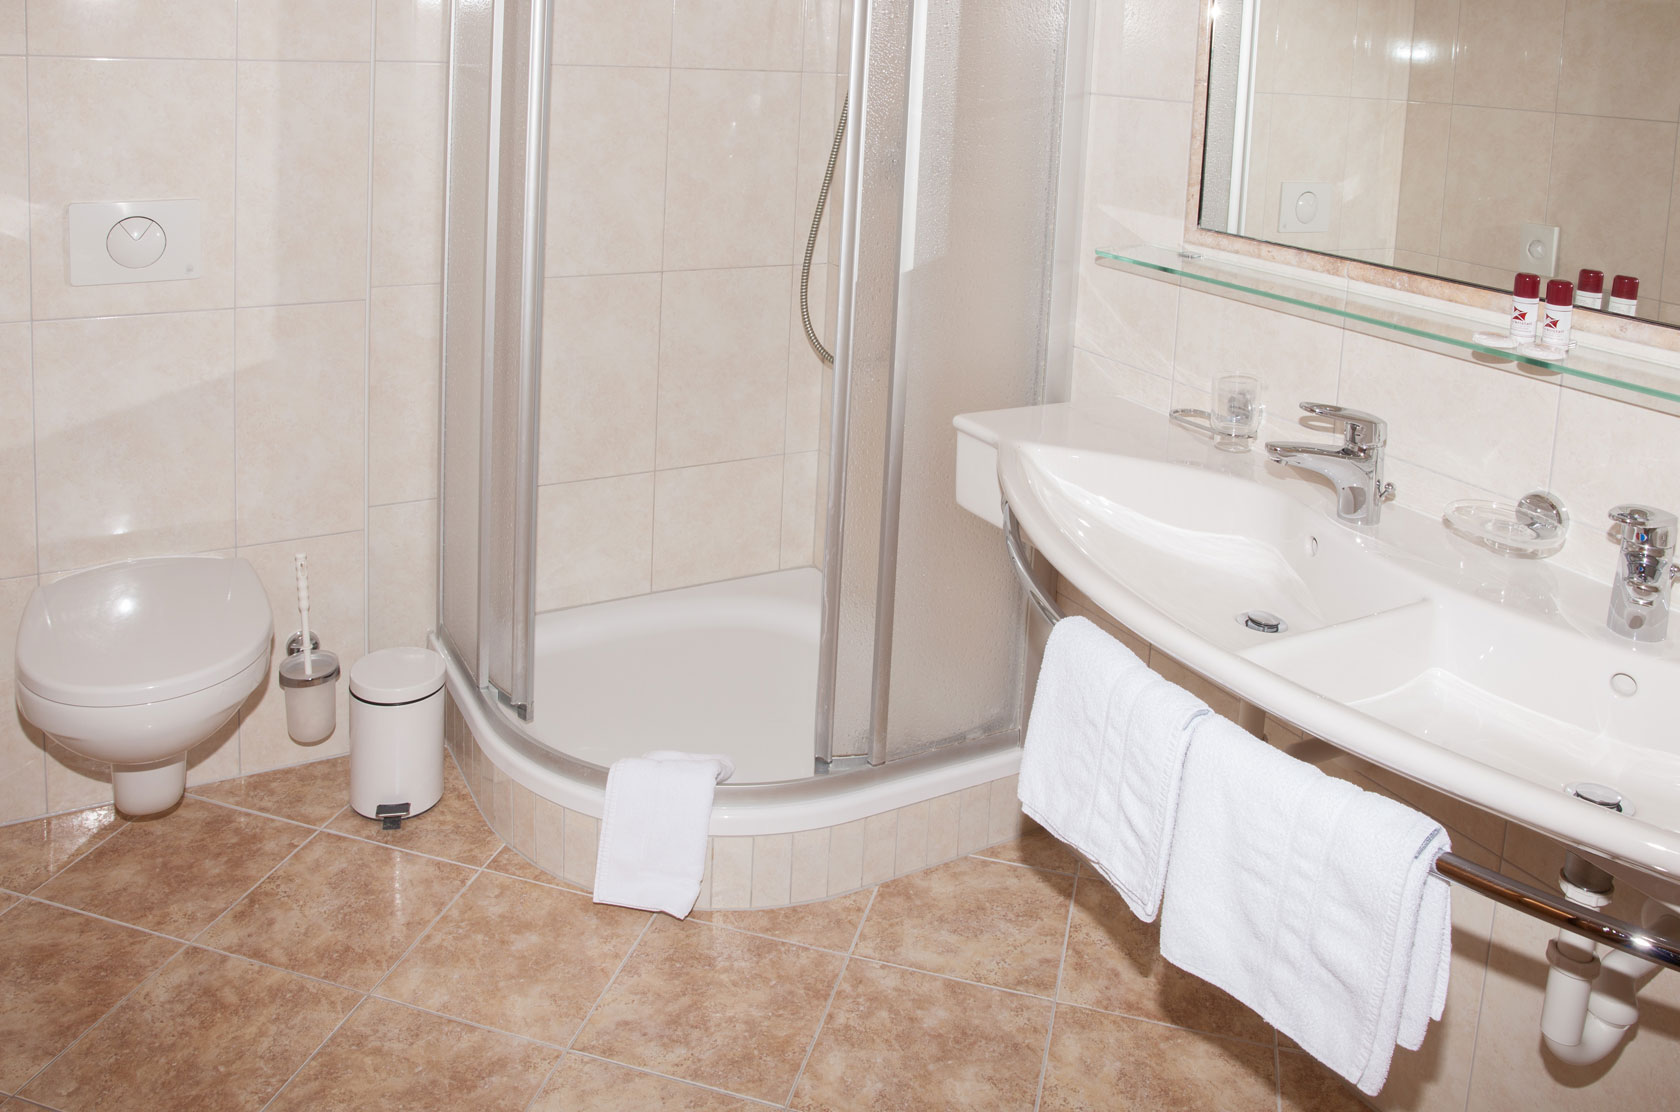 Badezimmer mit Dusche in einem Hotelzimmer